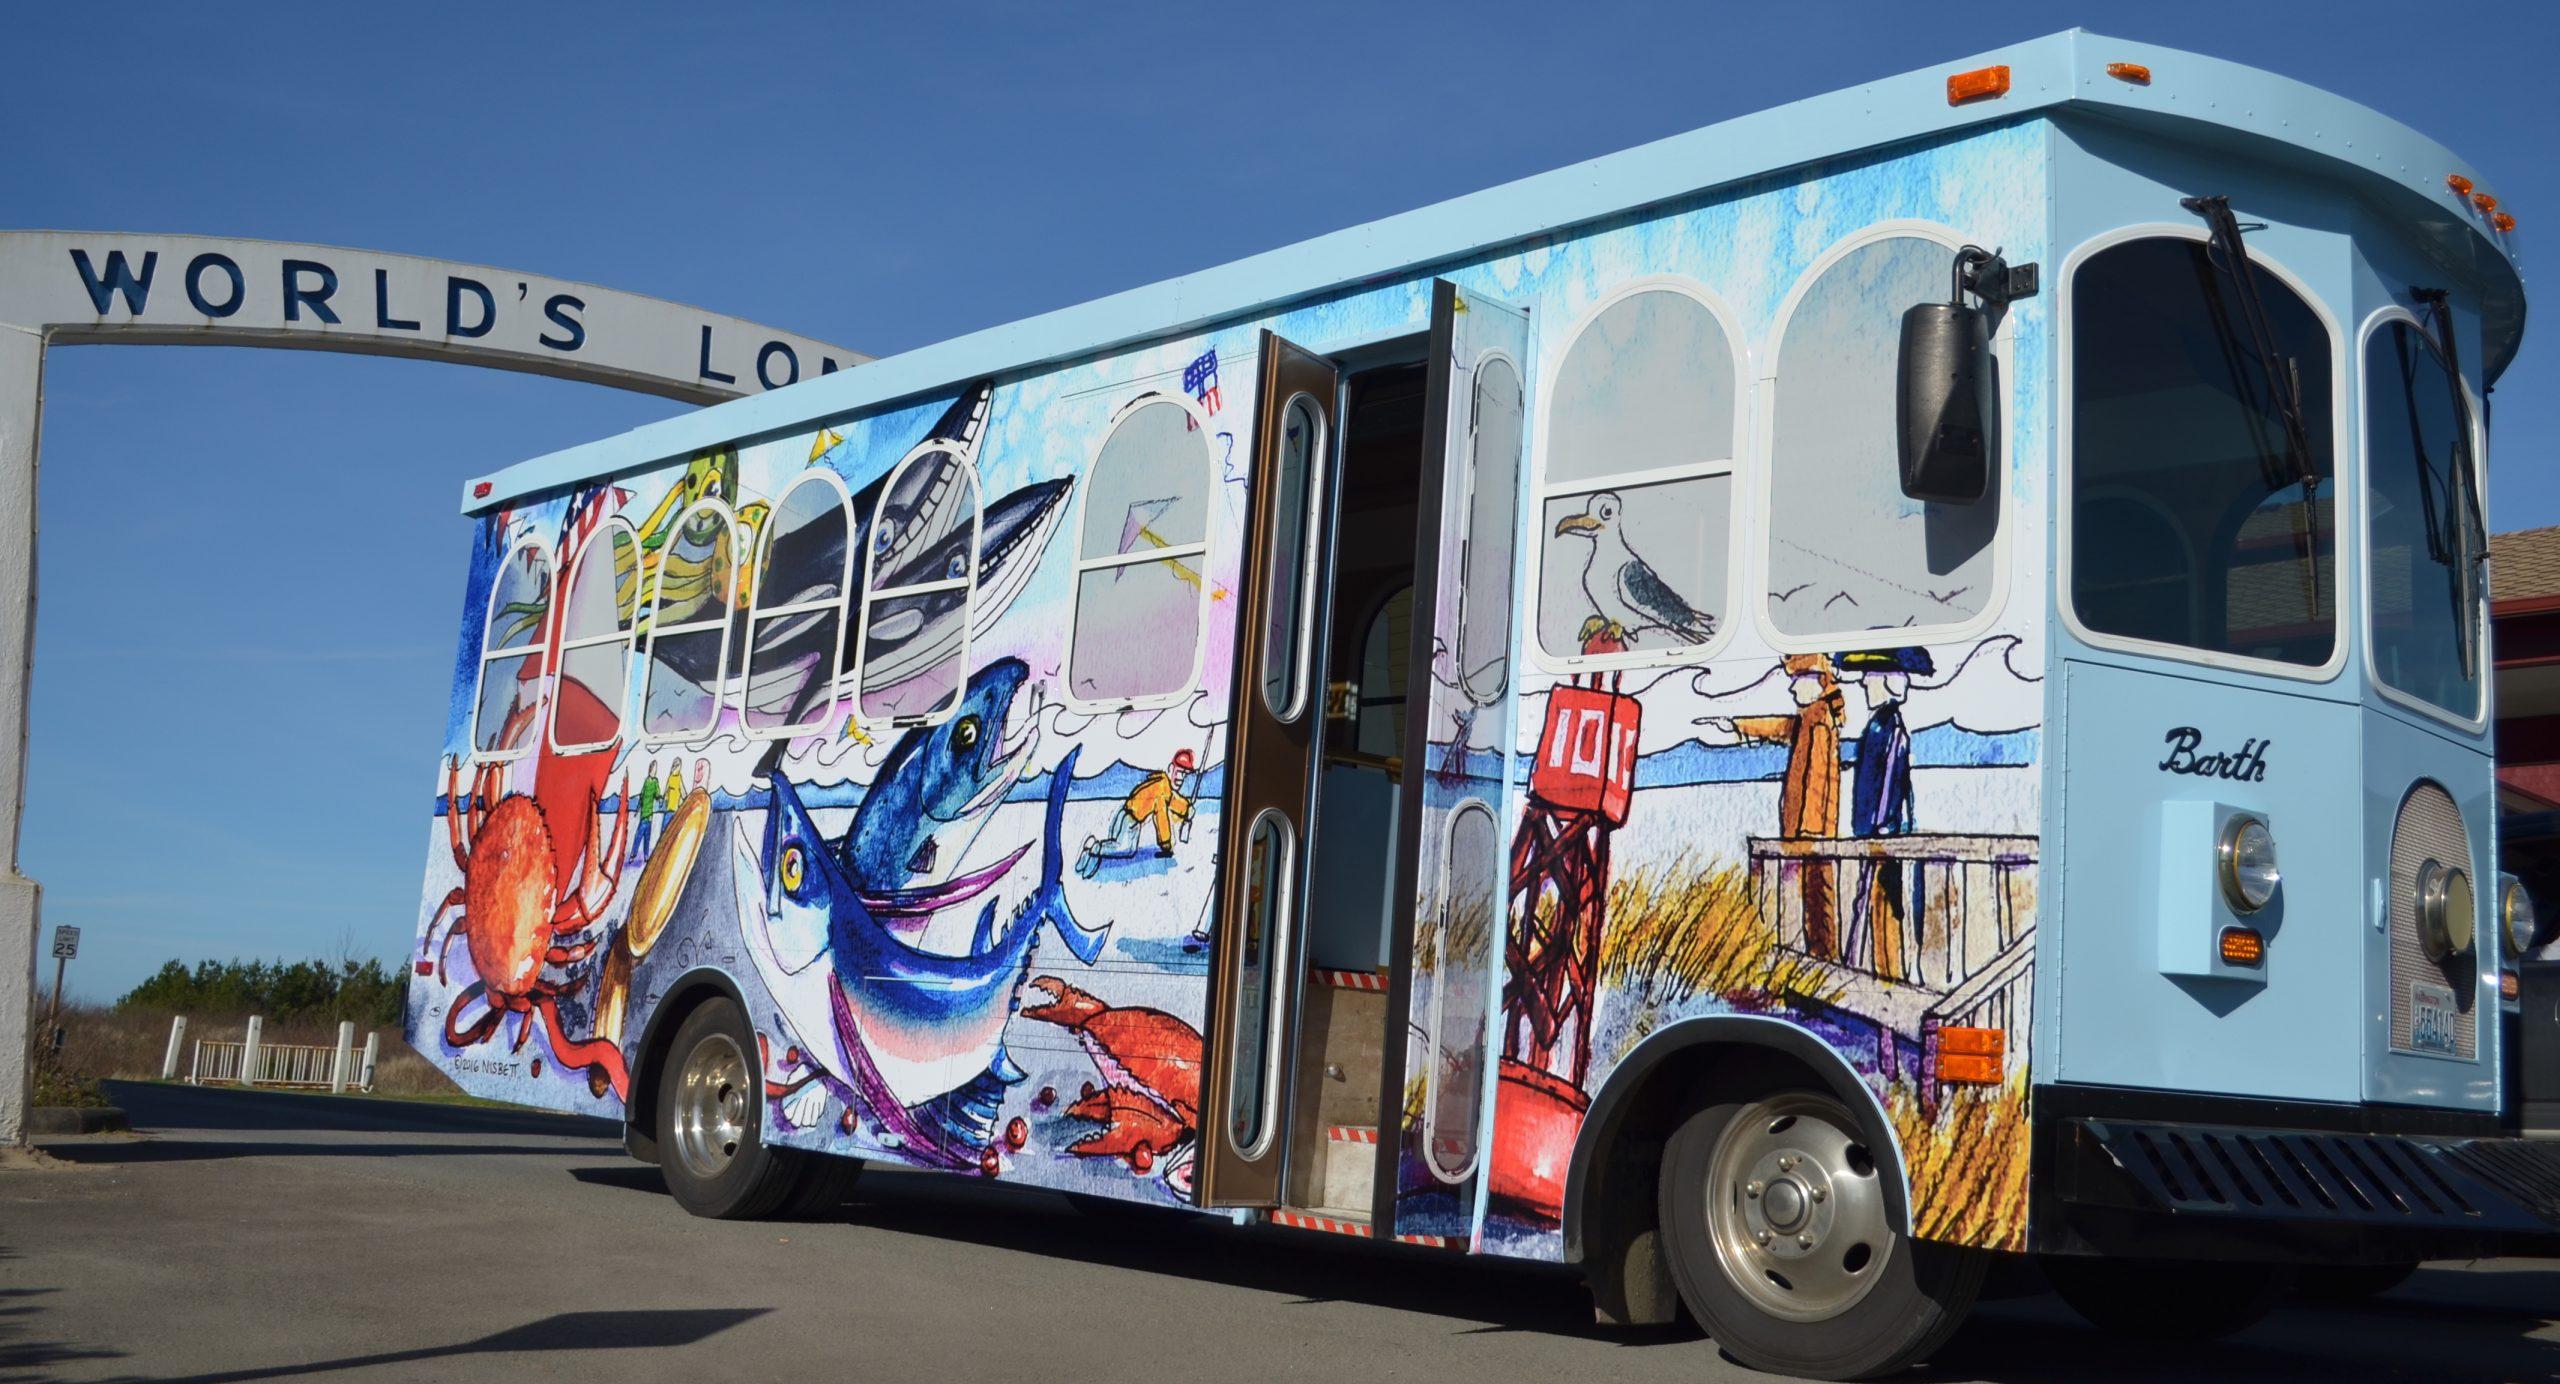 Long Beach Peninsula Trolley